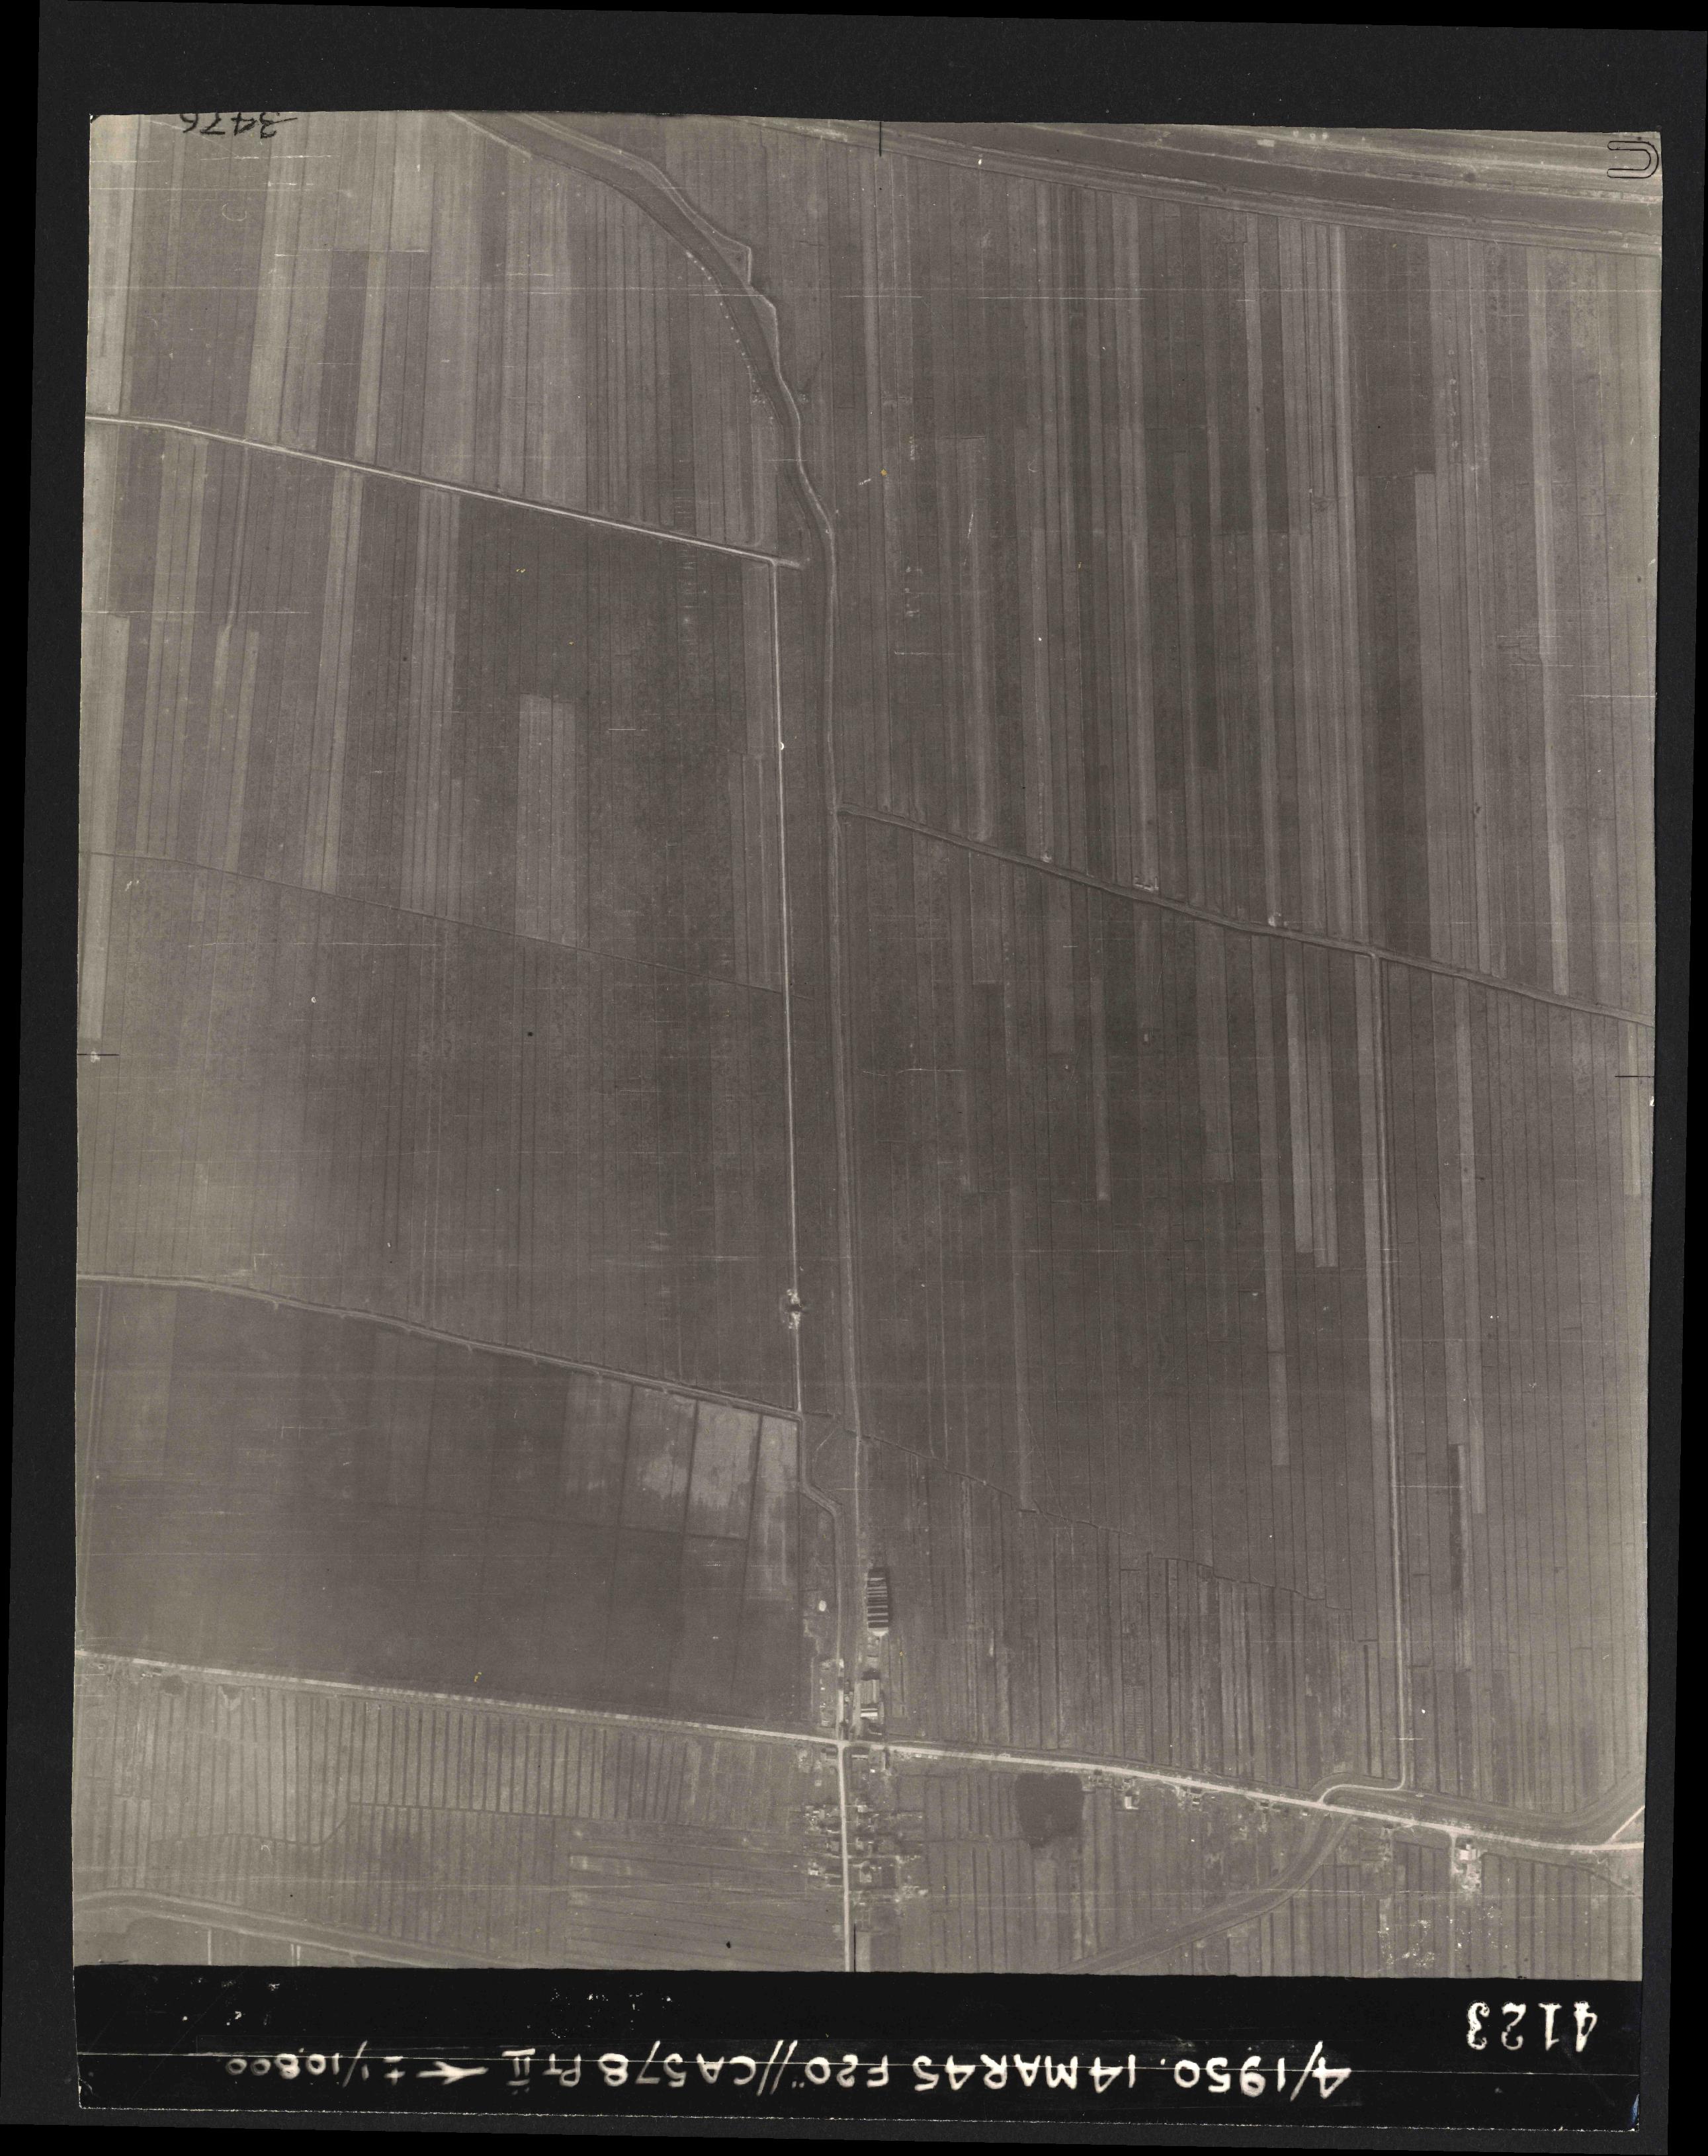 Collection RAF aerial photos 1940-1945 - flight 010, run 10, photo 4123